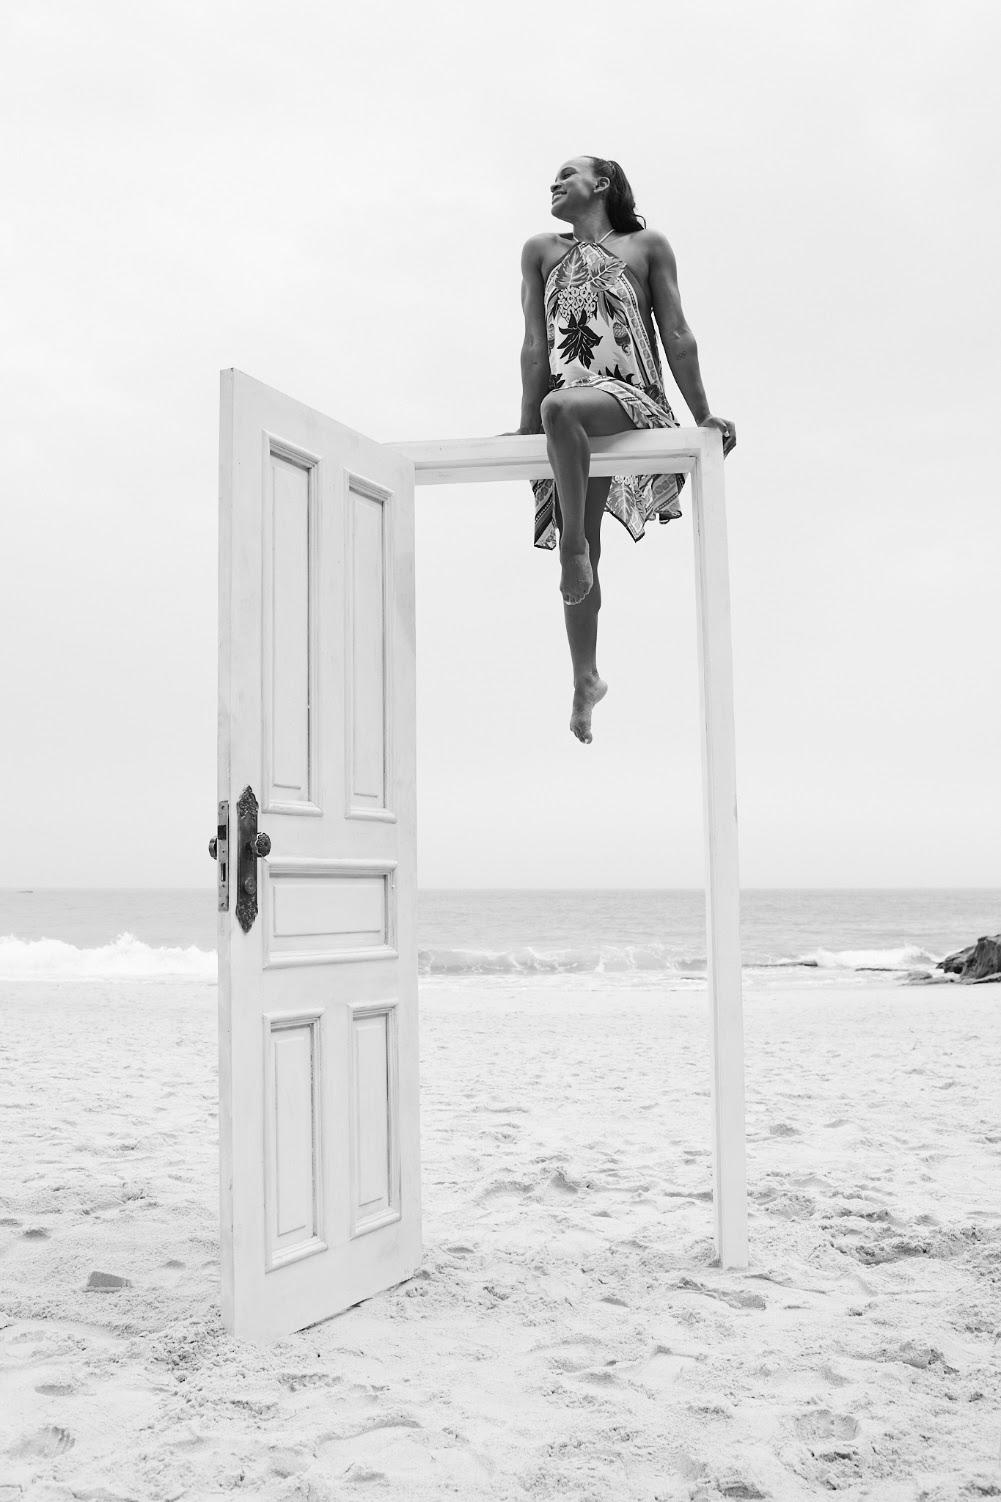 Rebeca Andrade Riachuelo patrocínio ginástica artística